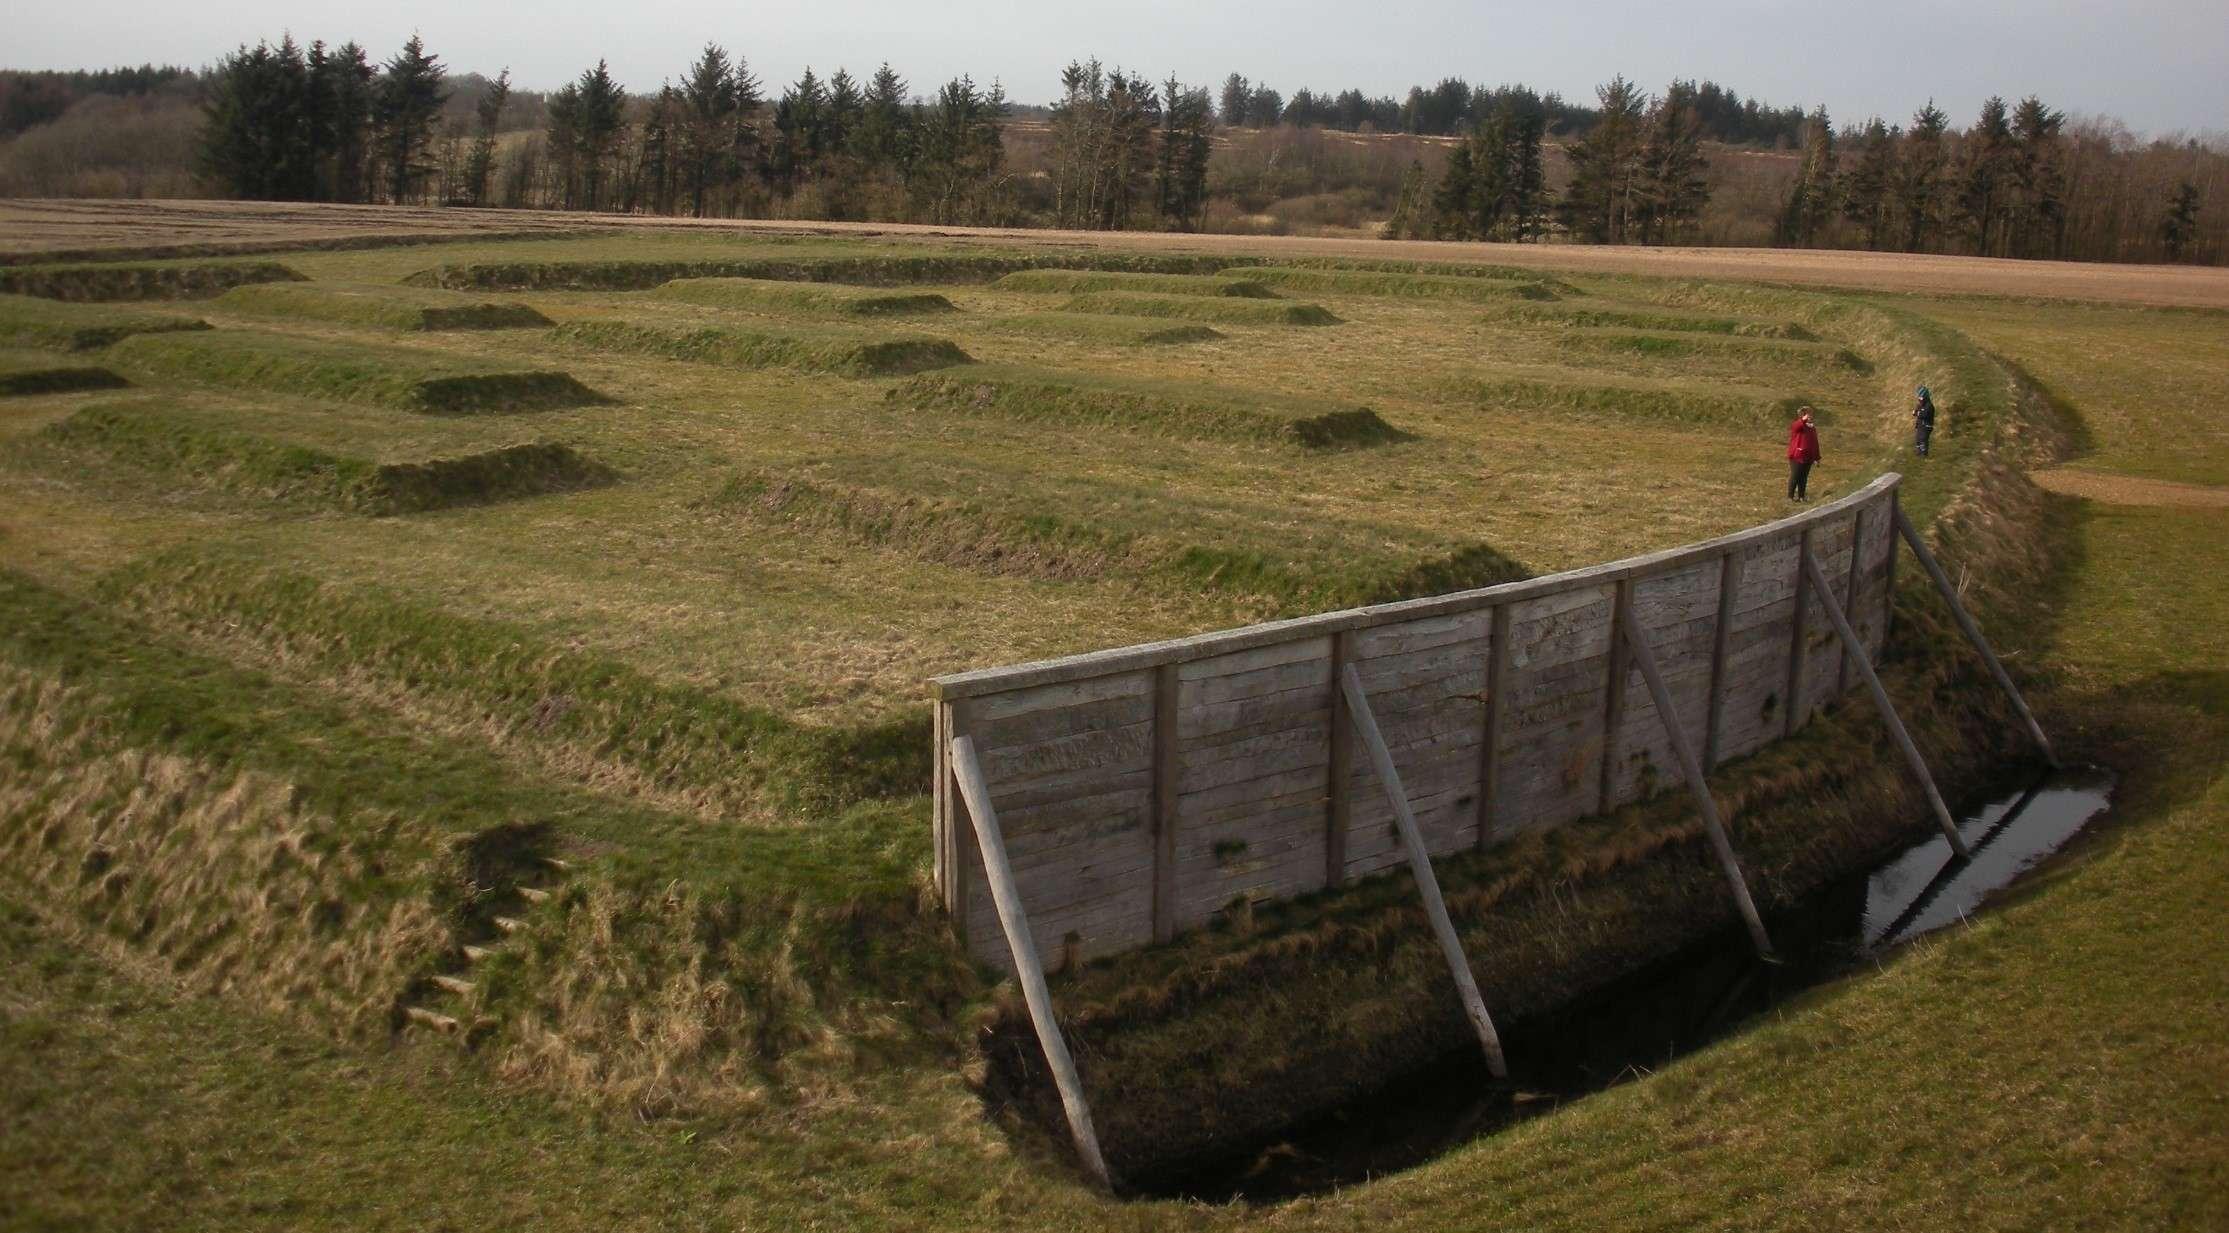 Lyngsmosefæstningen